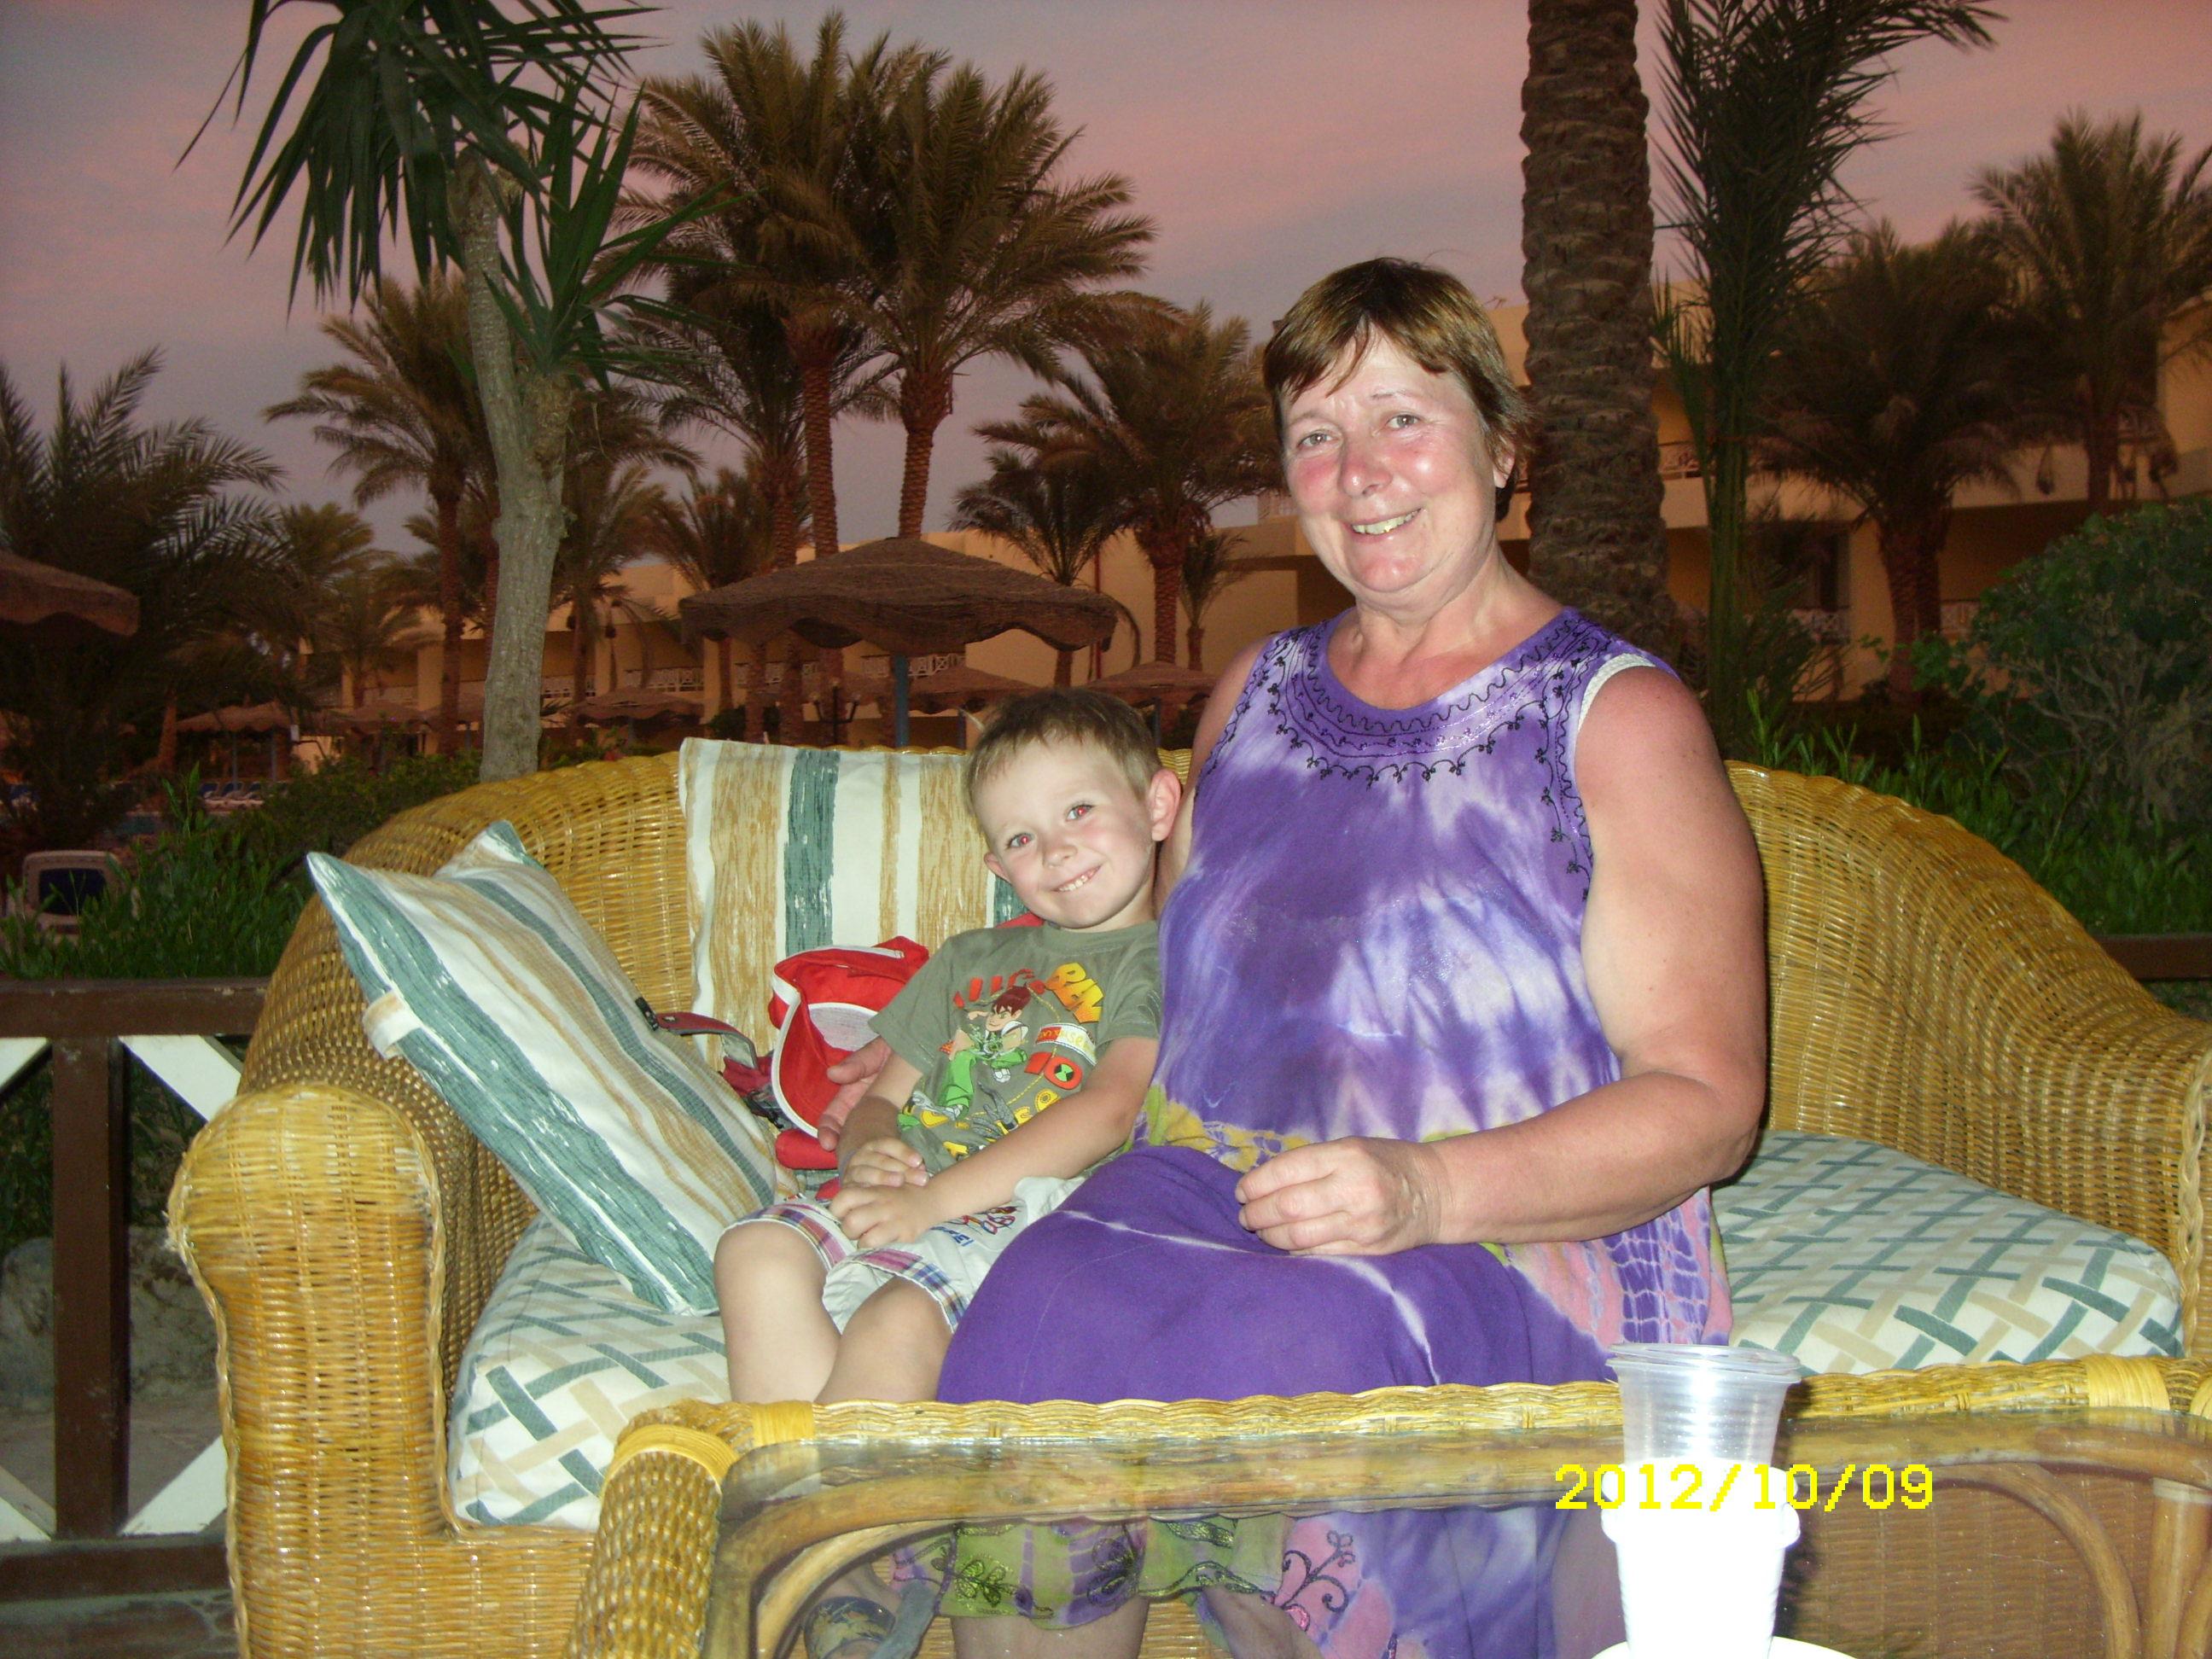 бабушка с внуком на отдыхе. С улыбкой по жизни